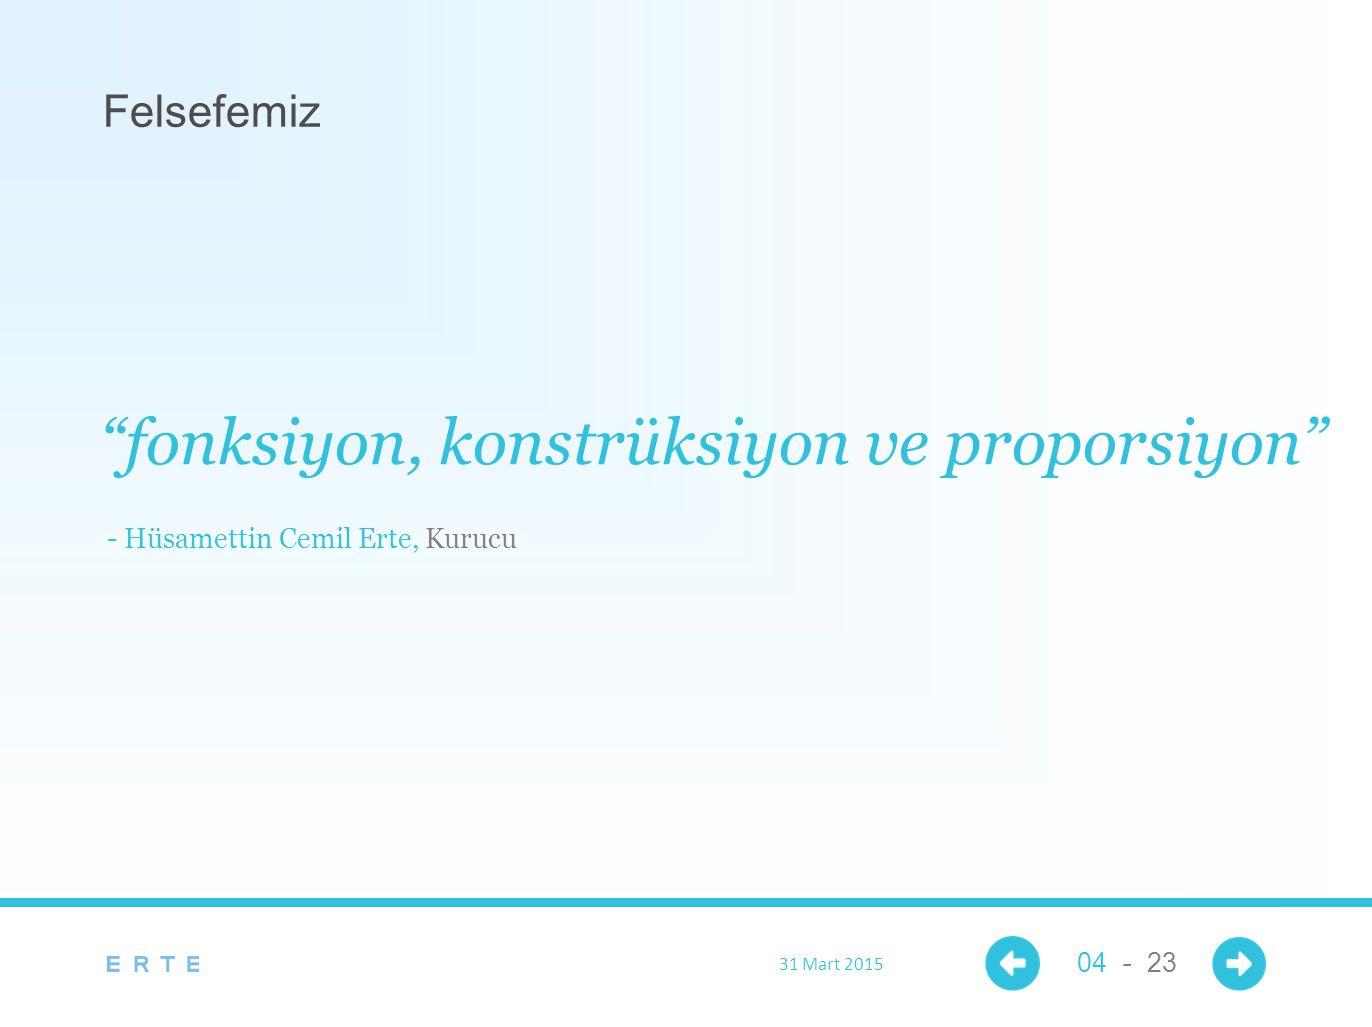 """Felsefemiz """"fonksiyon, konstrüksiyon ve proporsiyon"""" - Hüsamettin Cemil Erte, Kurucu 31 Mart 2015 04 - 23"""